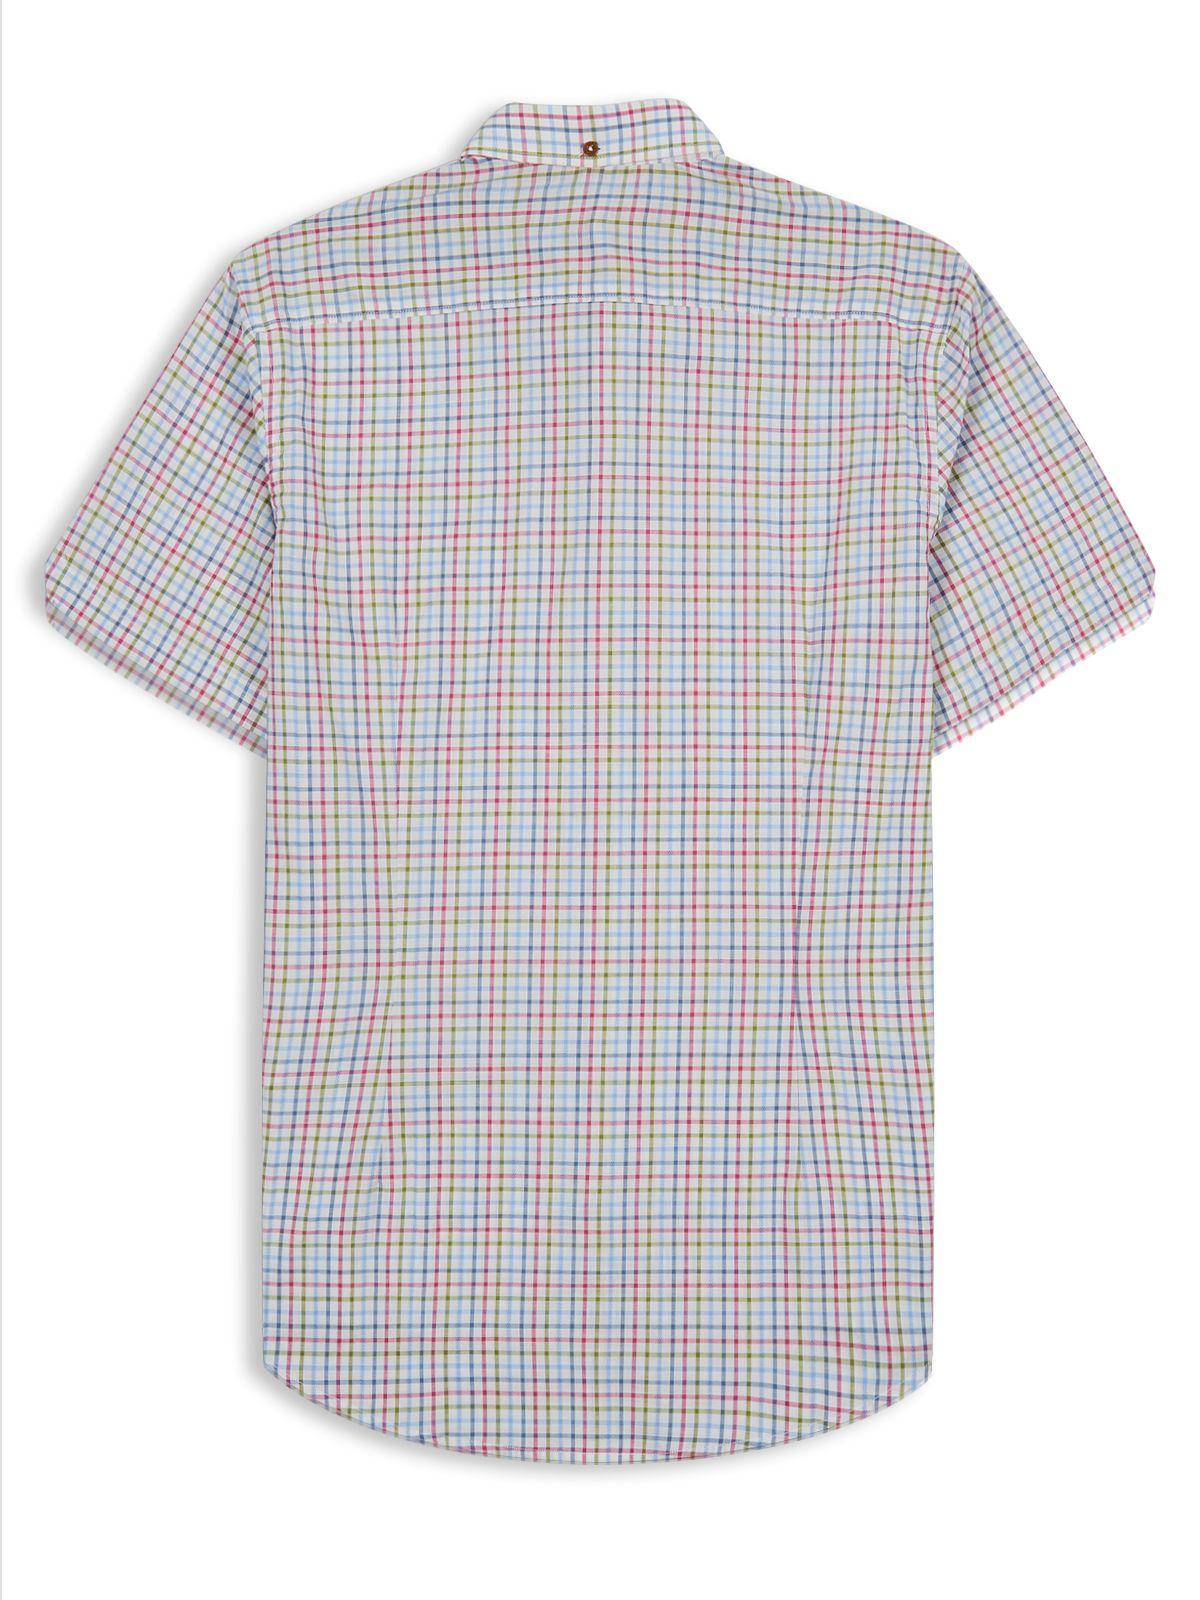 Ben Sherman Tattersal Check Shirt In White For Men Lyst